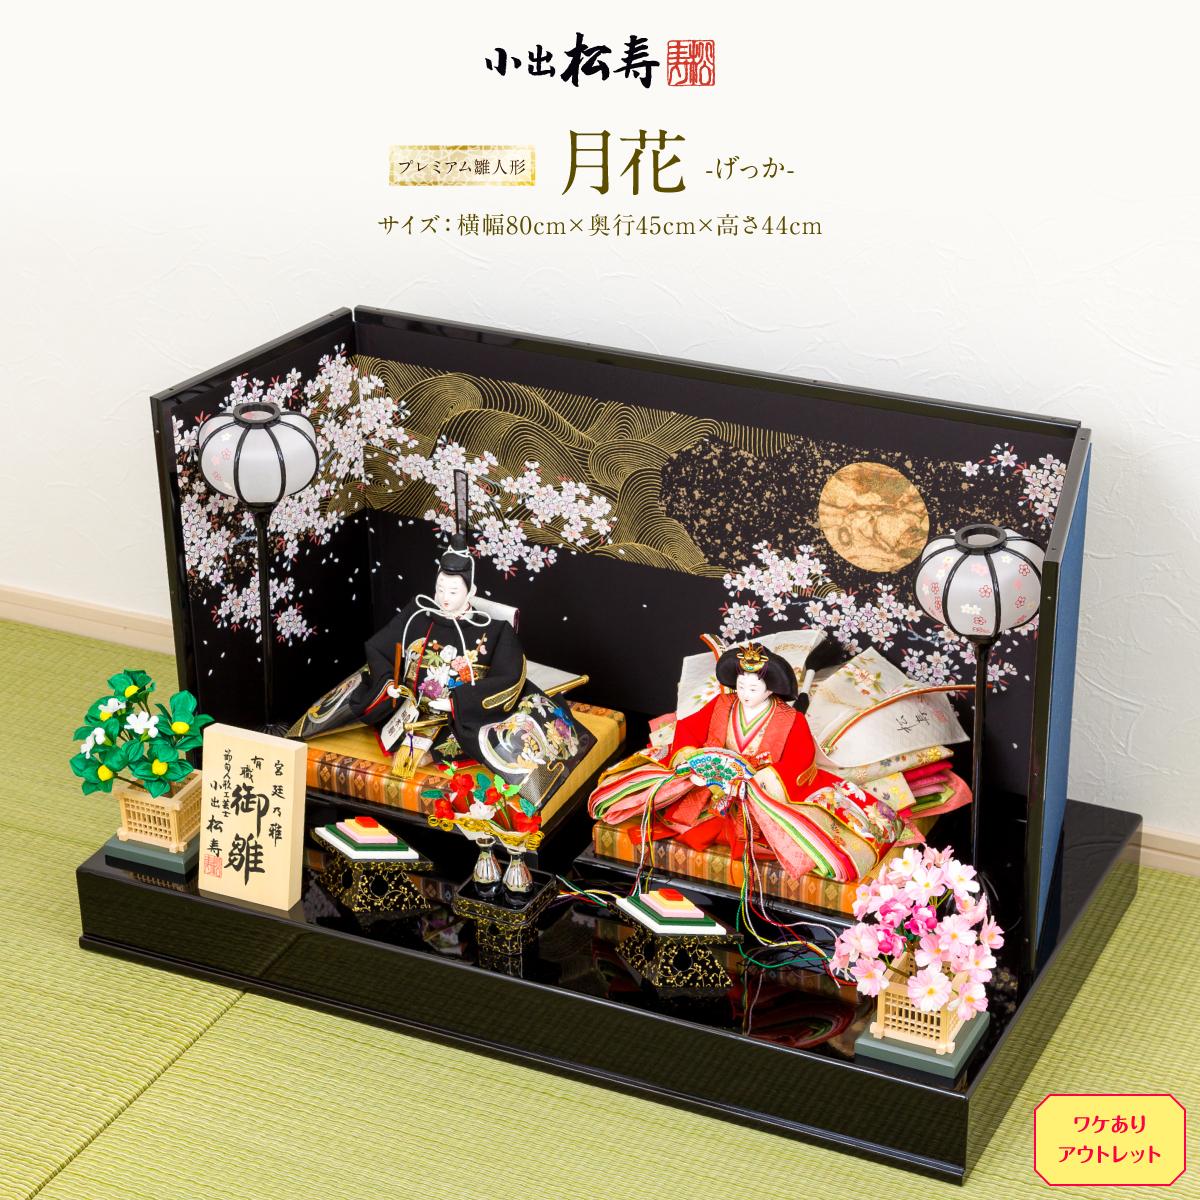 ひな人形 雛人形 小出松寿作月花(げっか) 特選